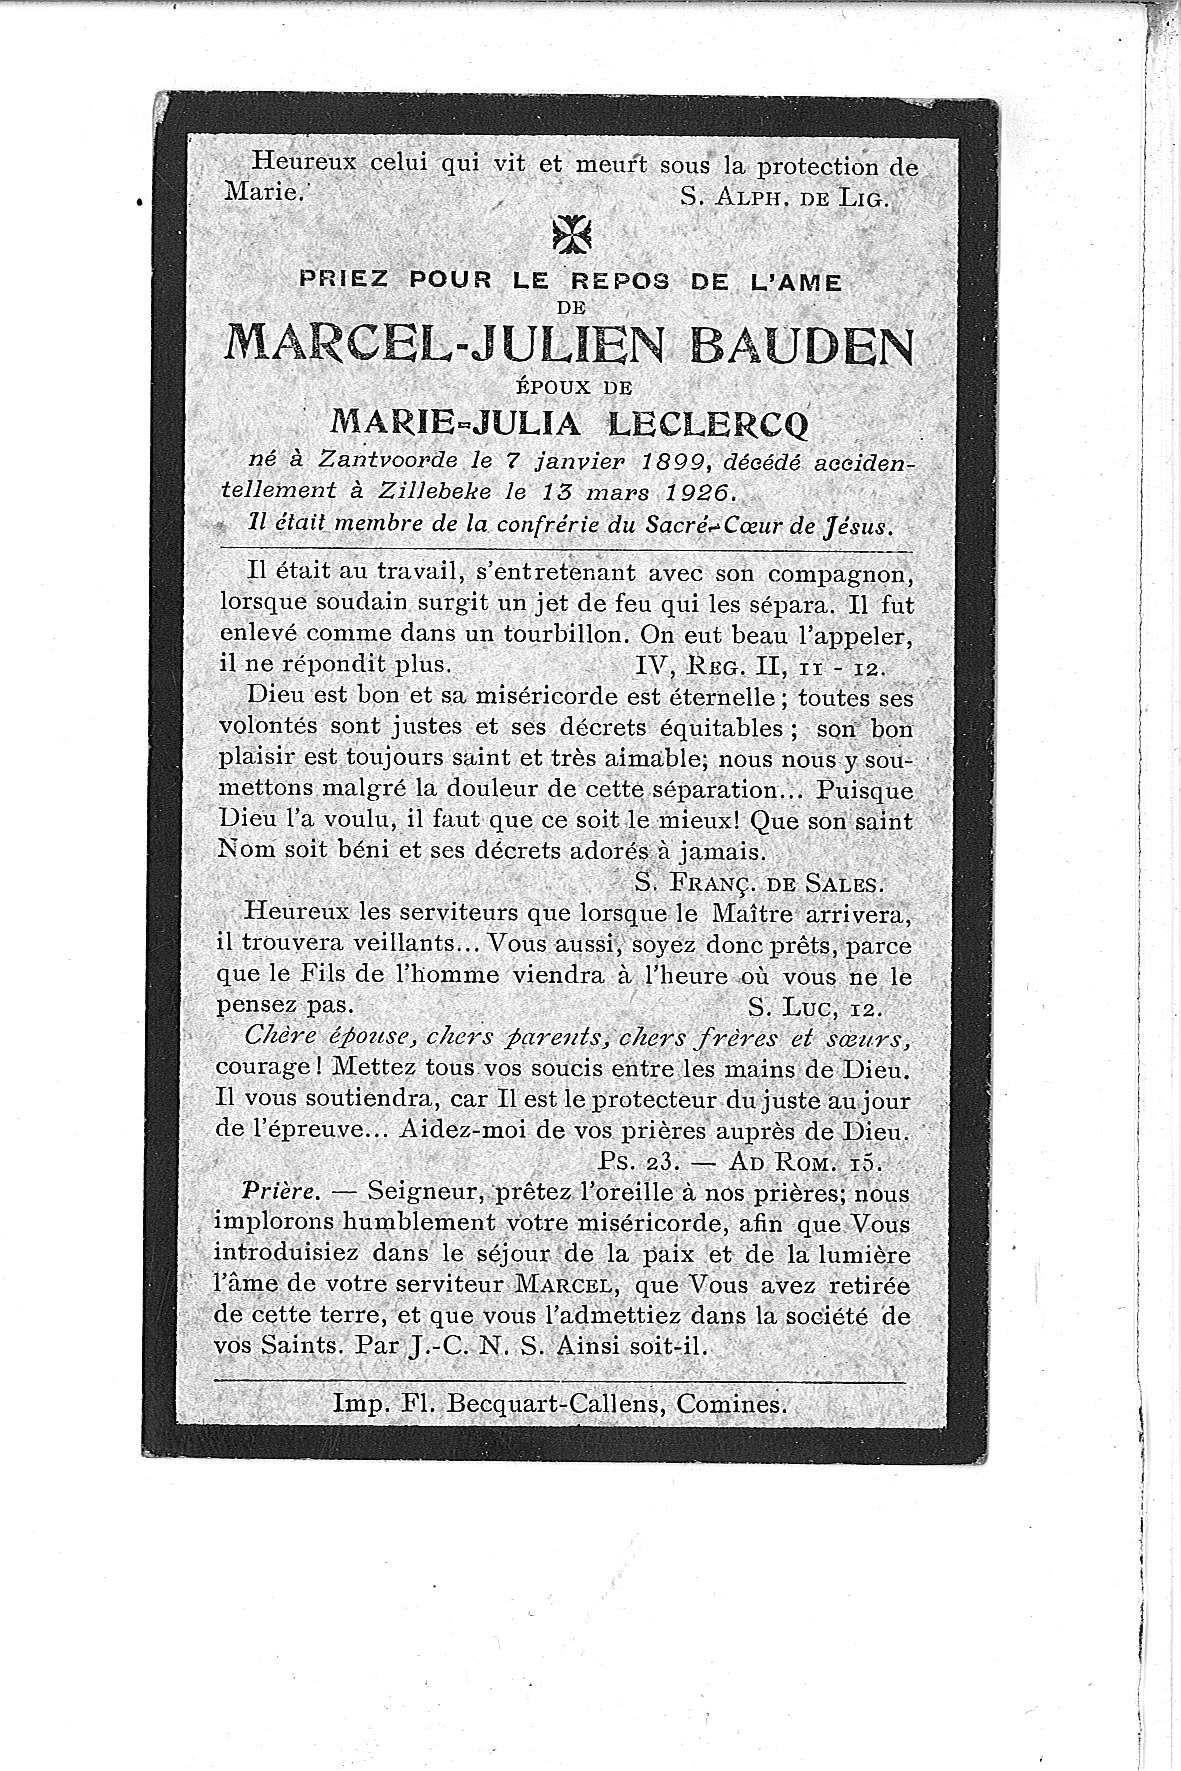 Marcel-Julien(1926)20101021113028_00022.jpg